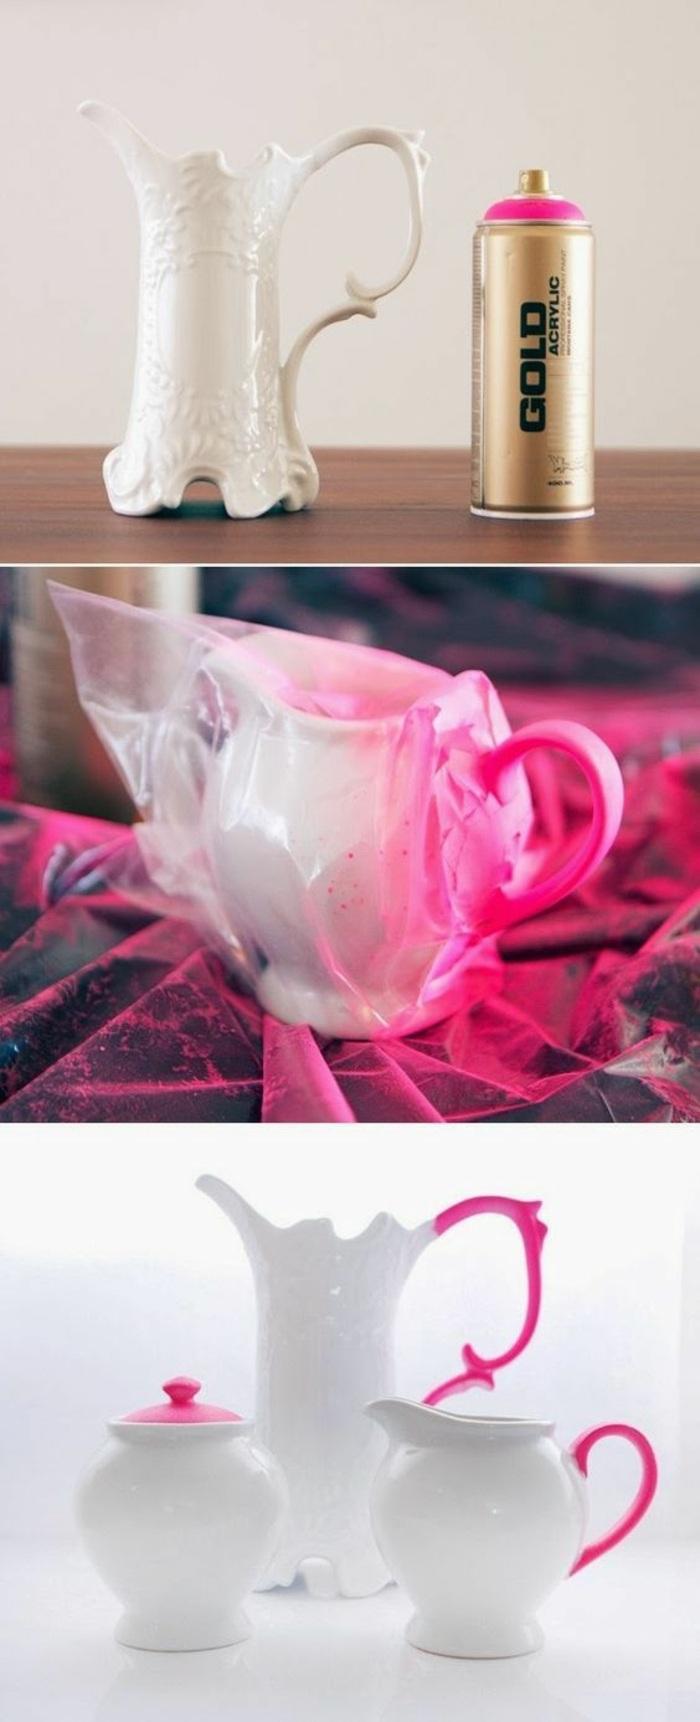 comment décorer service thé avec peinture, idée activité manuelle facile et rapide, service thé DIY bicolore blanc et rose